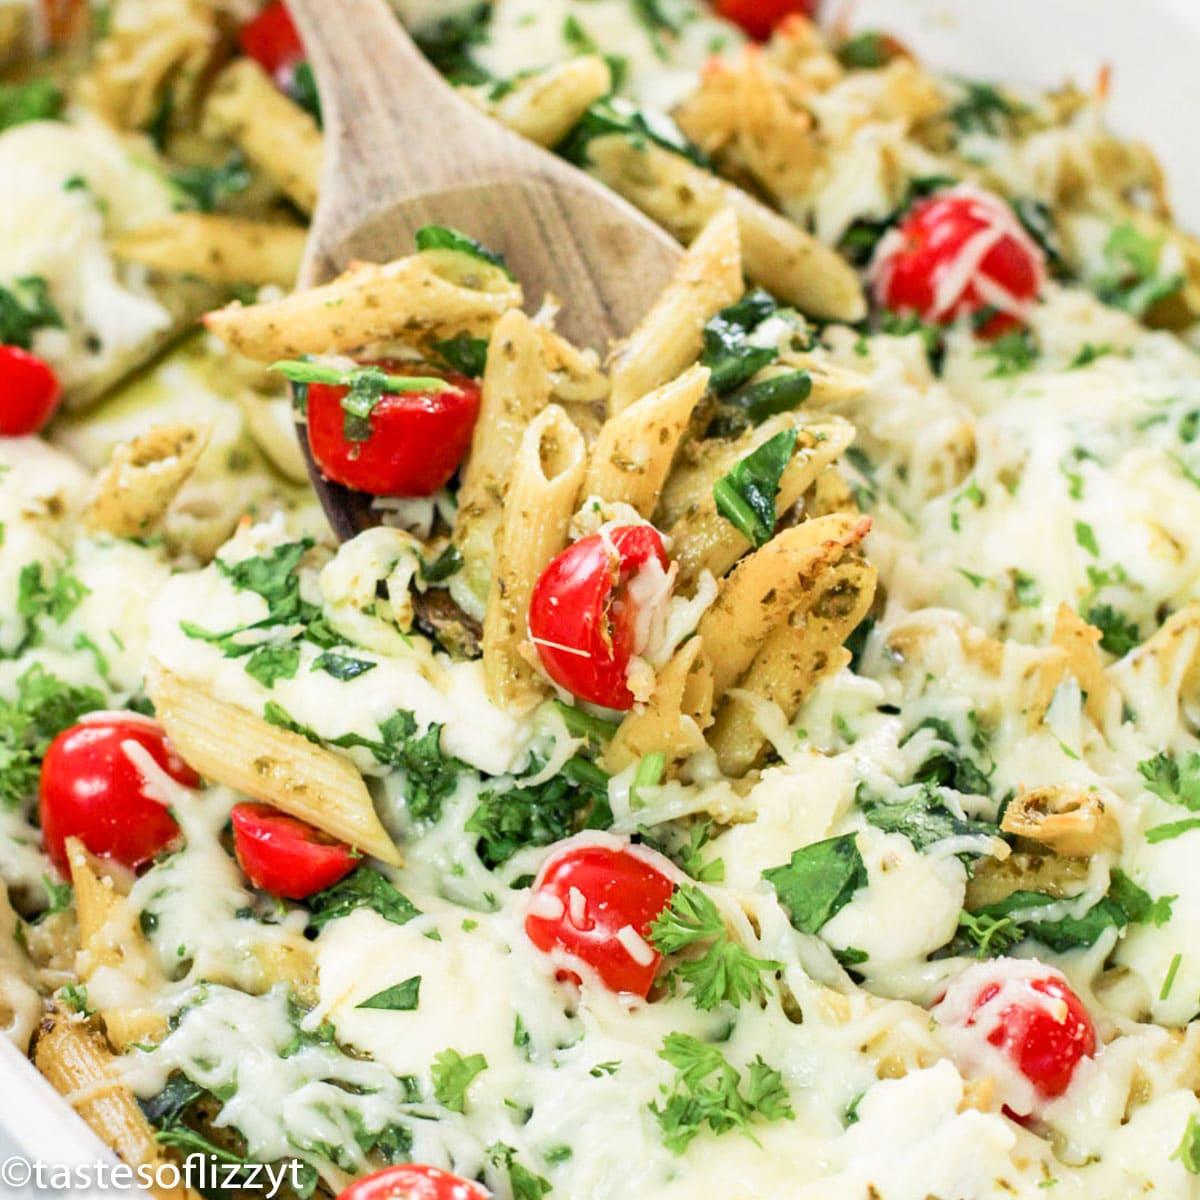 Pesto Pasta Bake with mozzarella